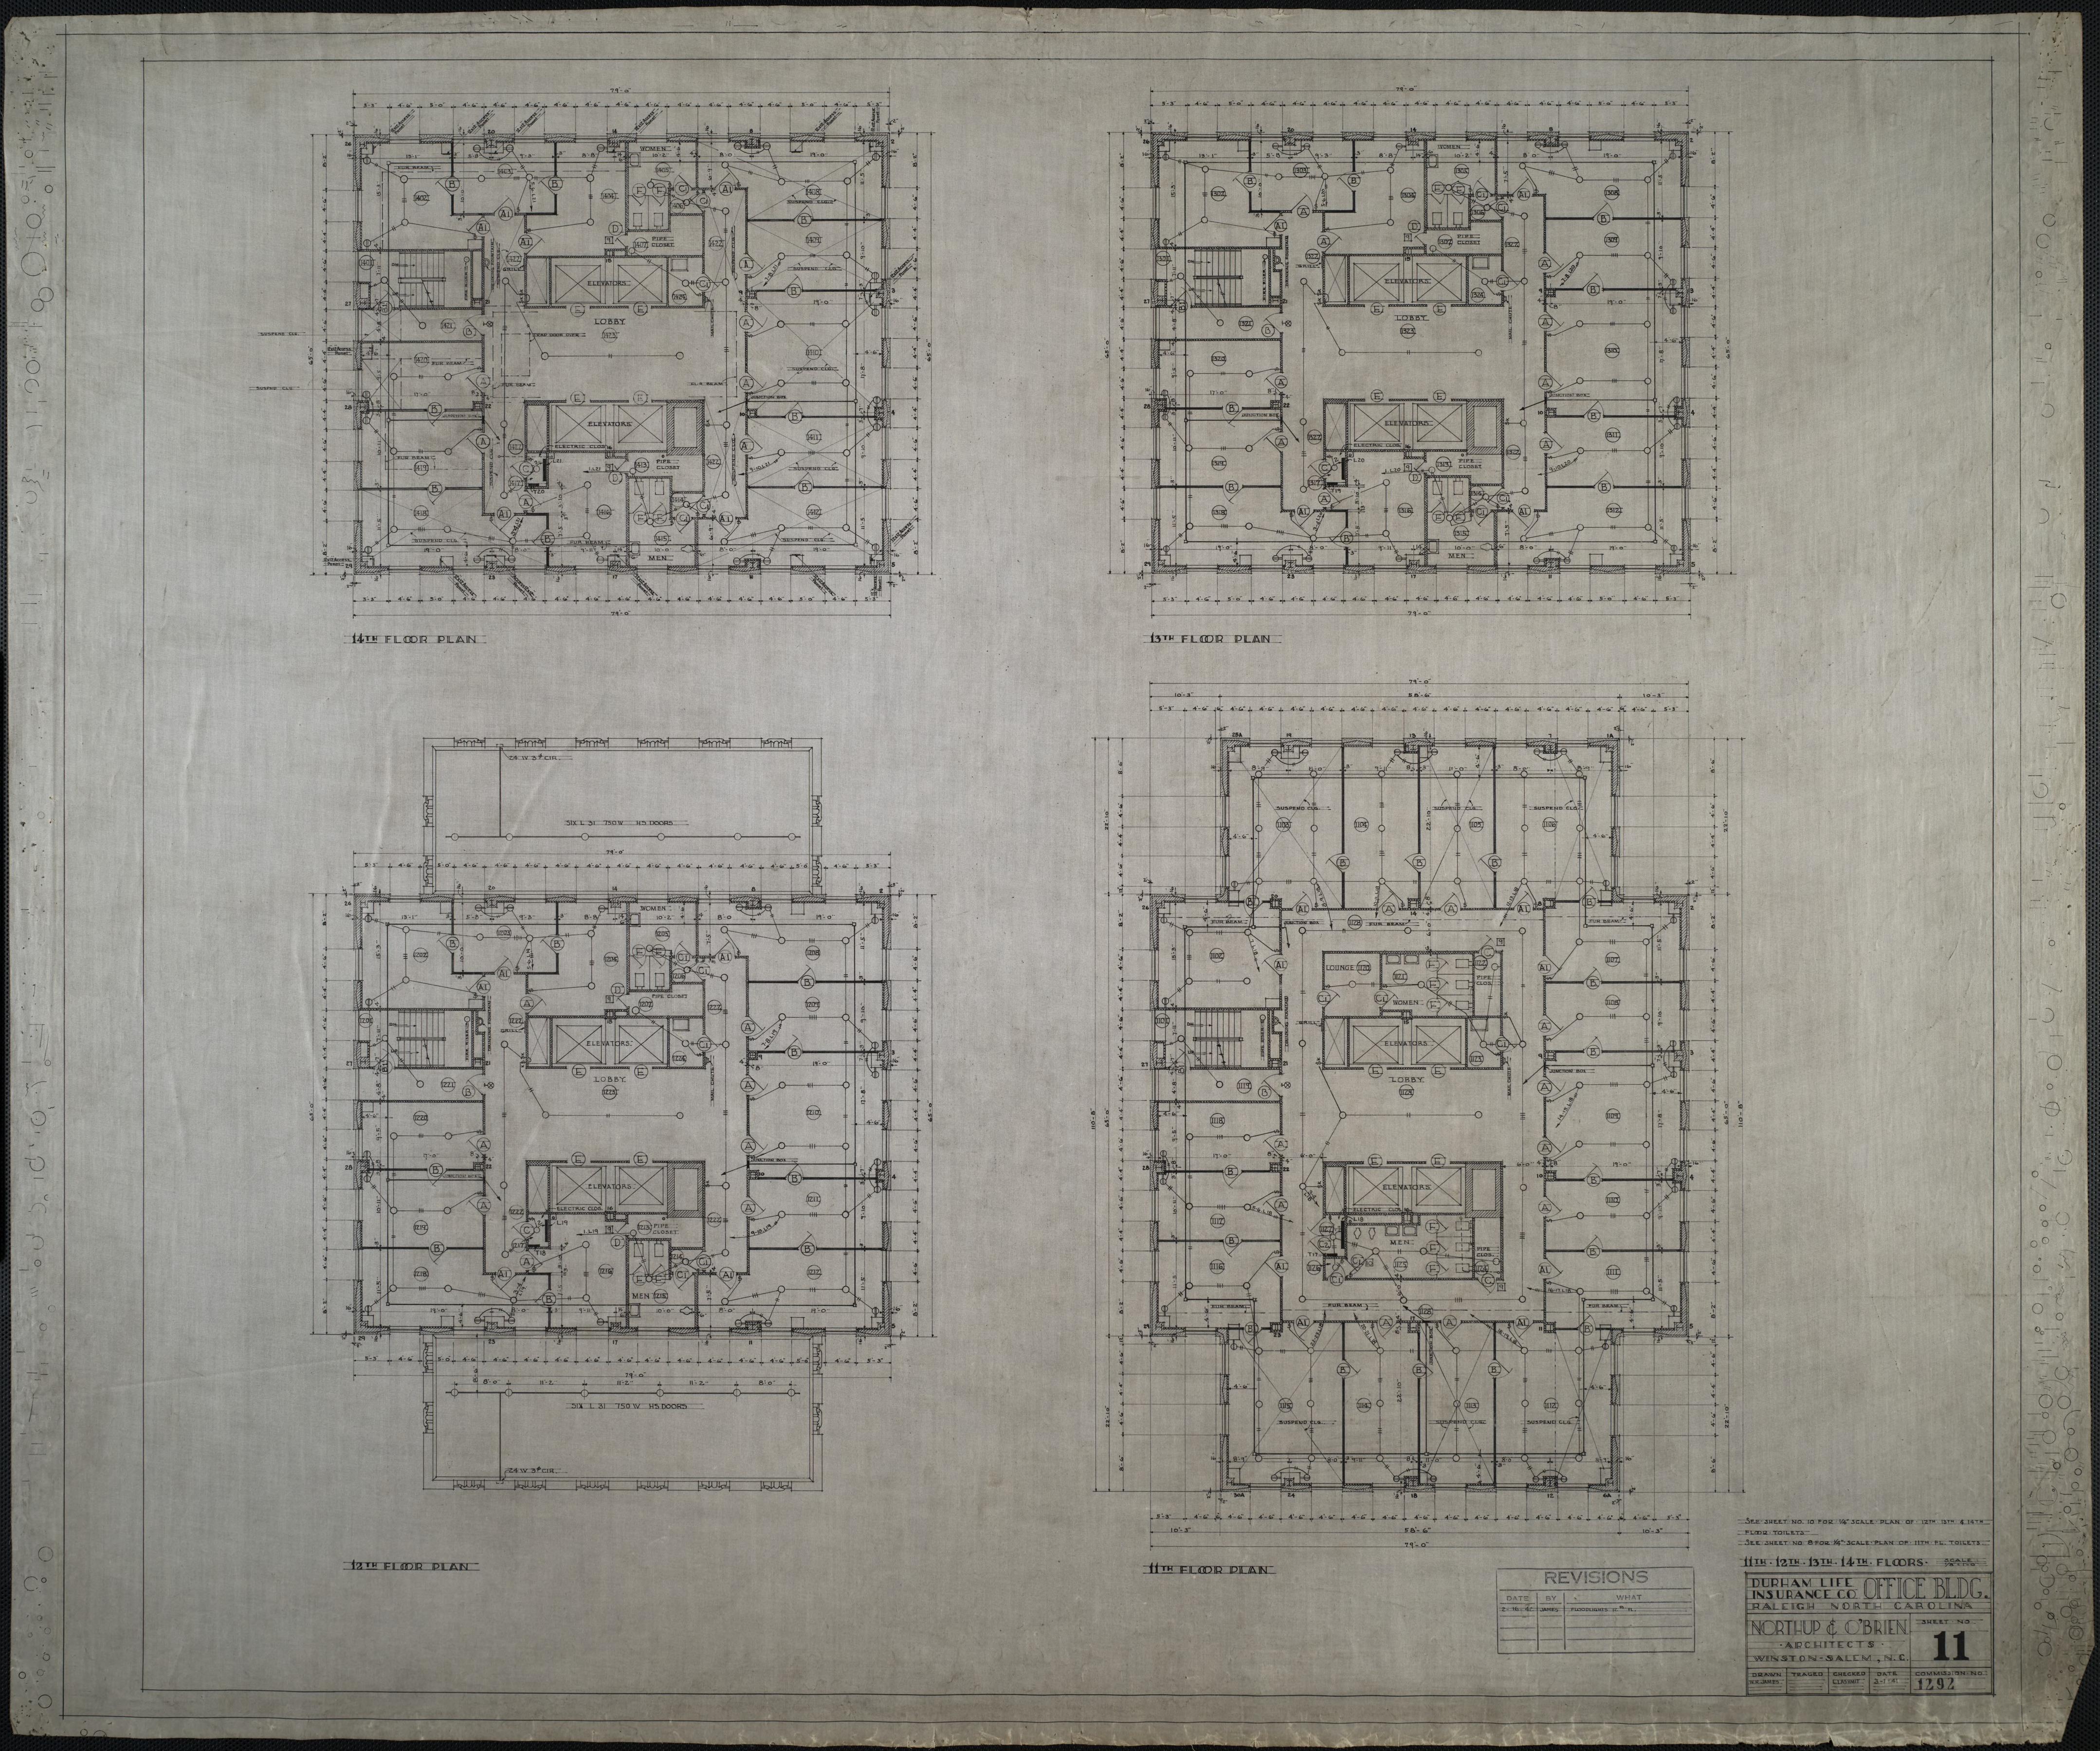 Eleventh floor plan twelfth floor plan thirteenth floor for 13th floor design